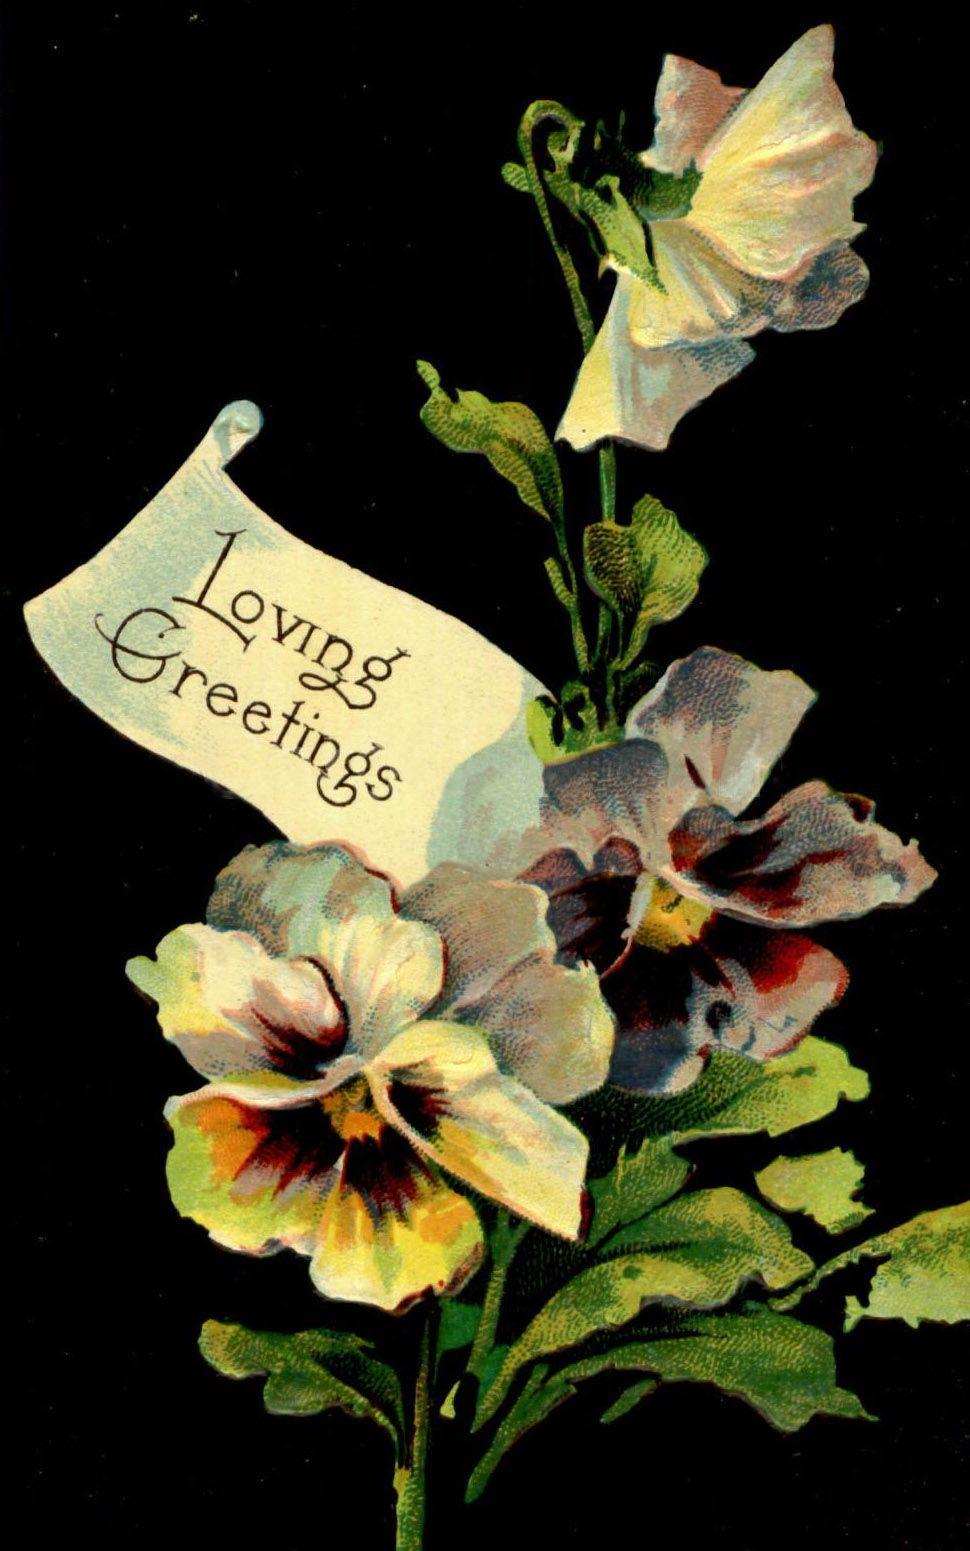 АНЮТИНЫ ГЛАЗКИ | Анютины глазки, Цветы, Картины